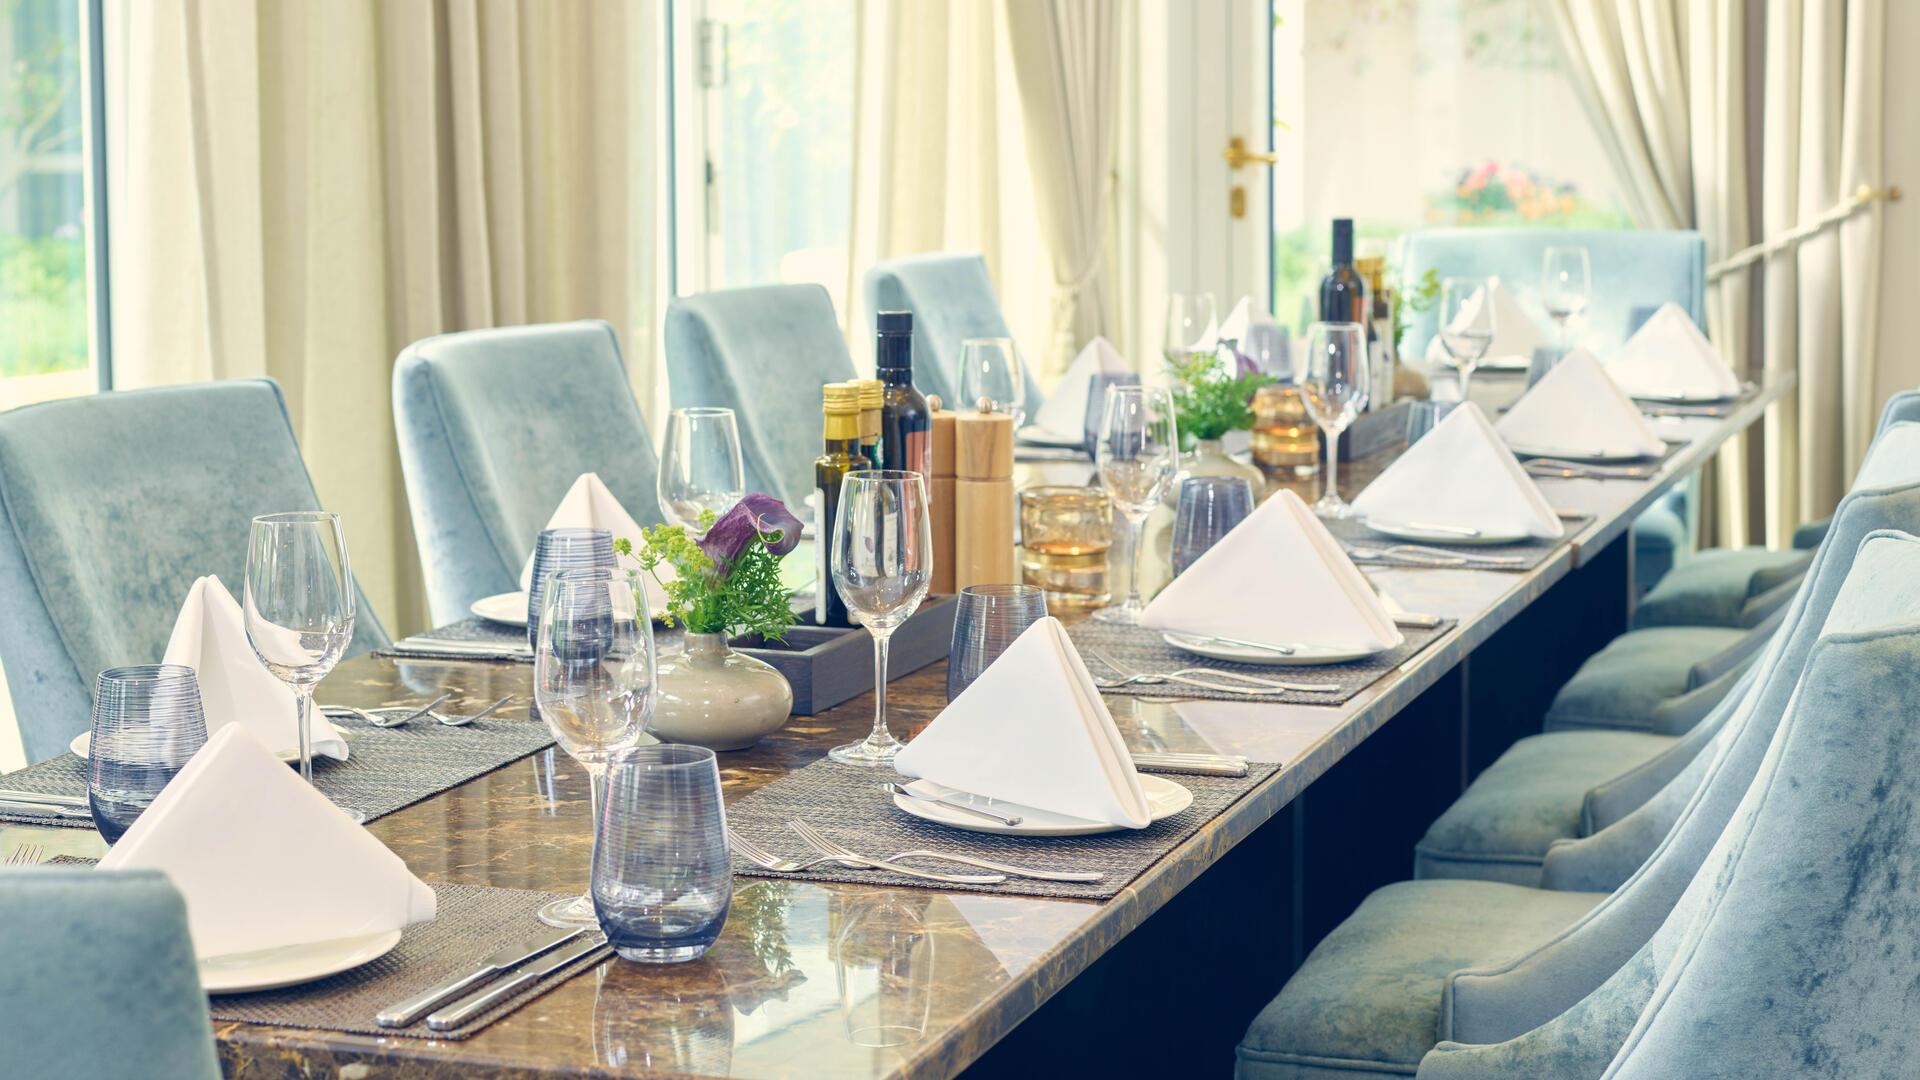 Restaurant OLIVA mediterran